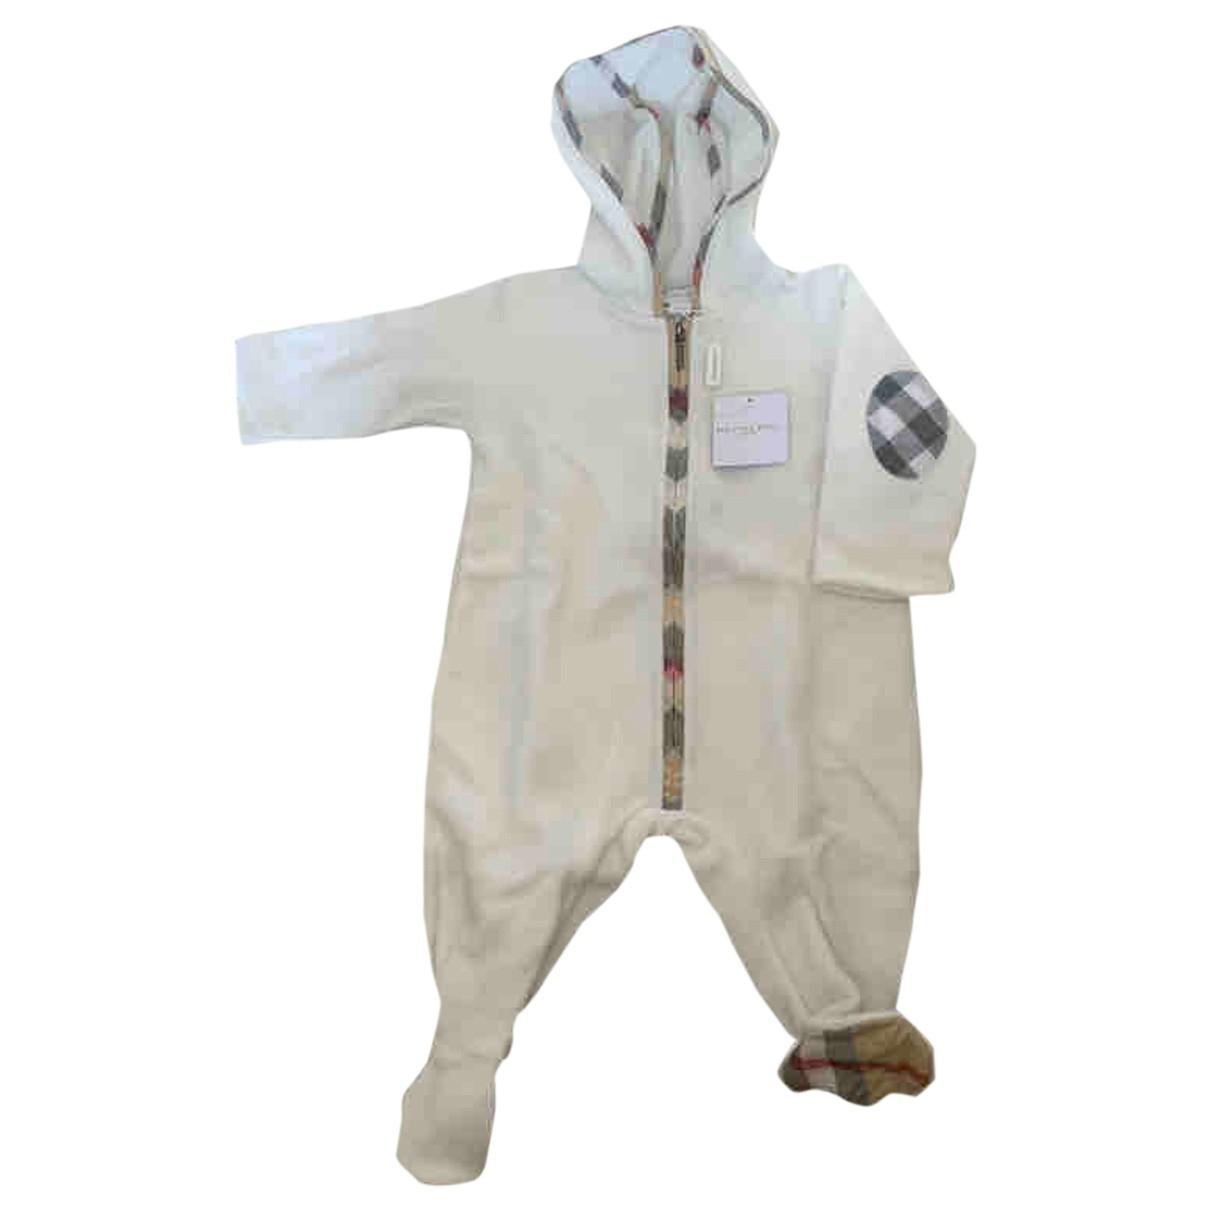 Burberry - Les ensembles   pour enfant - blanc